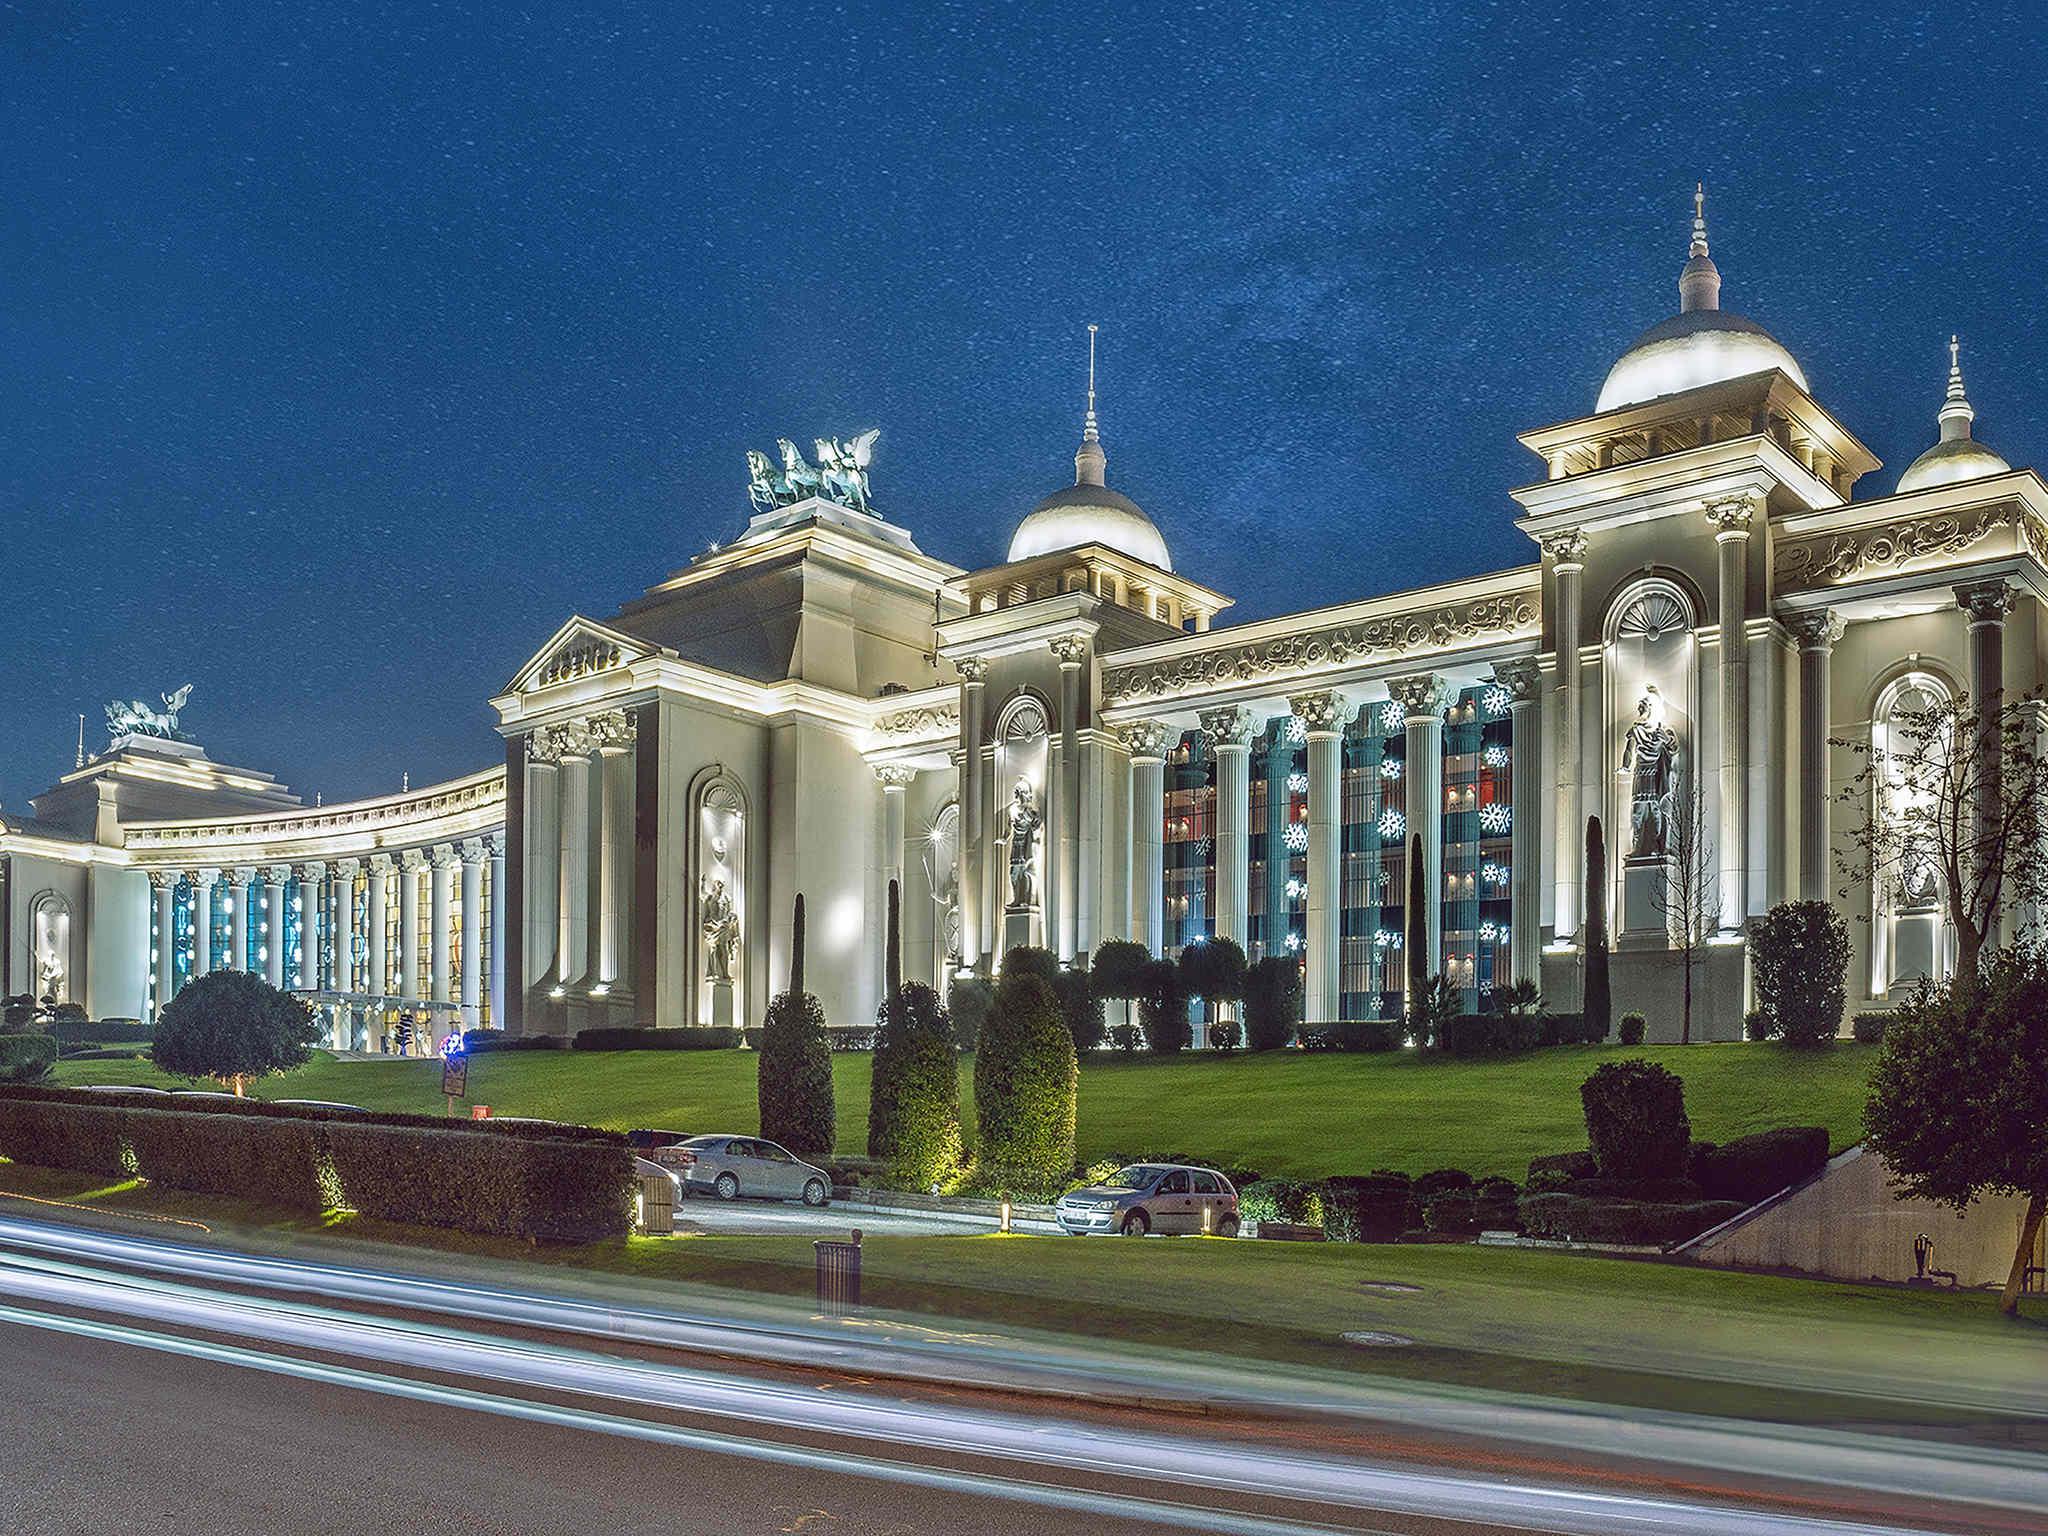 โรงแรม – The Land of Legends Kingdom